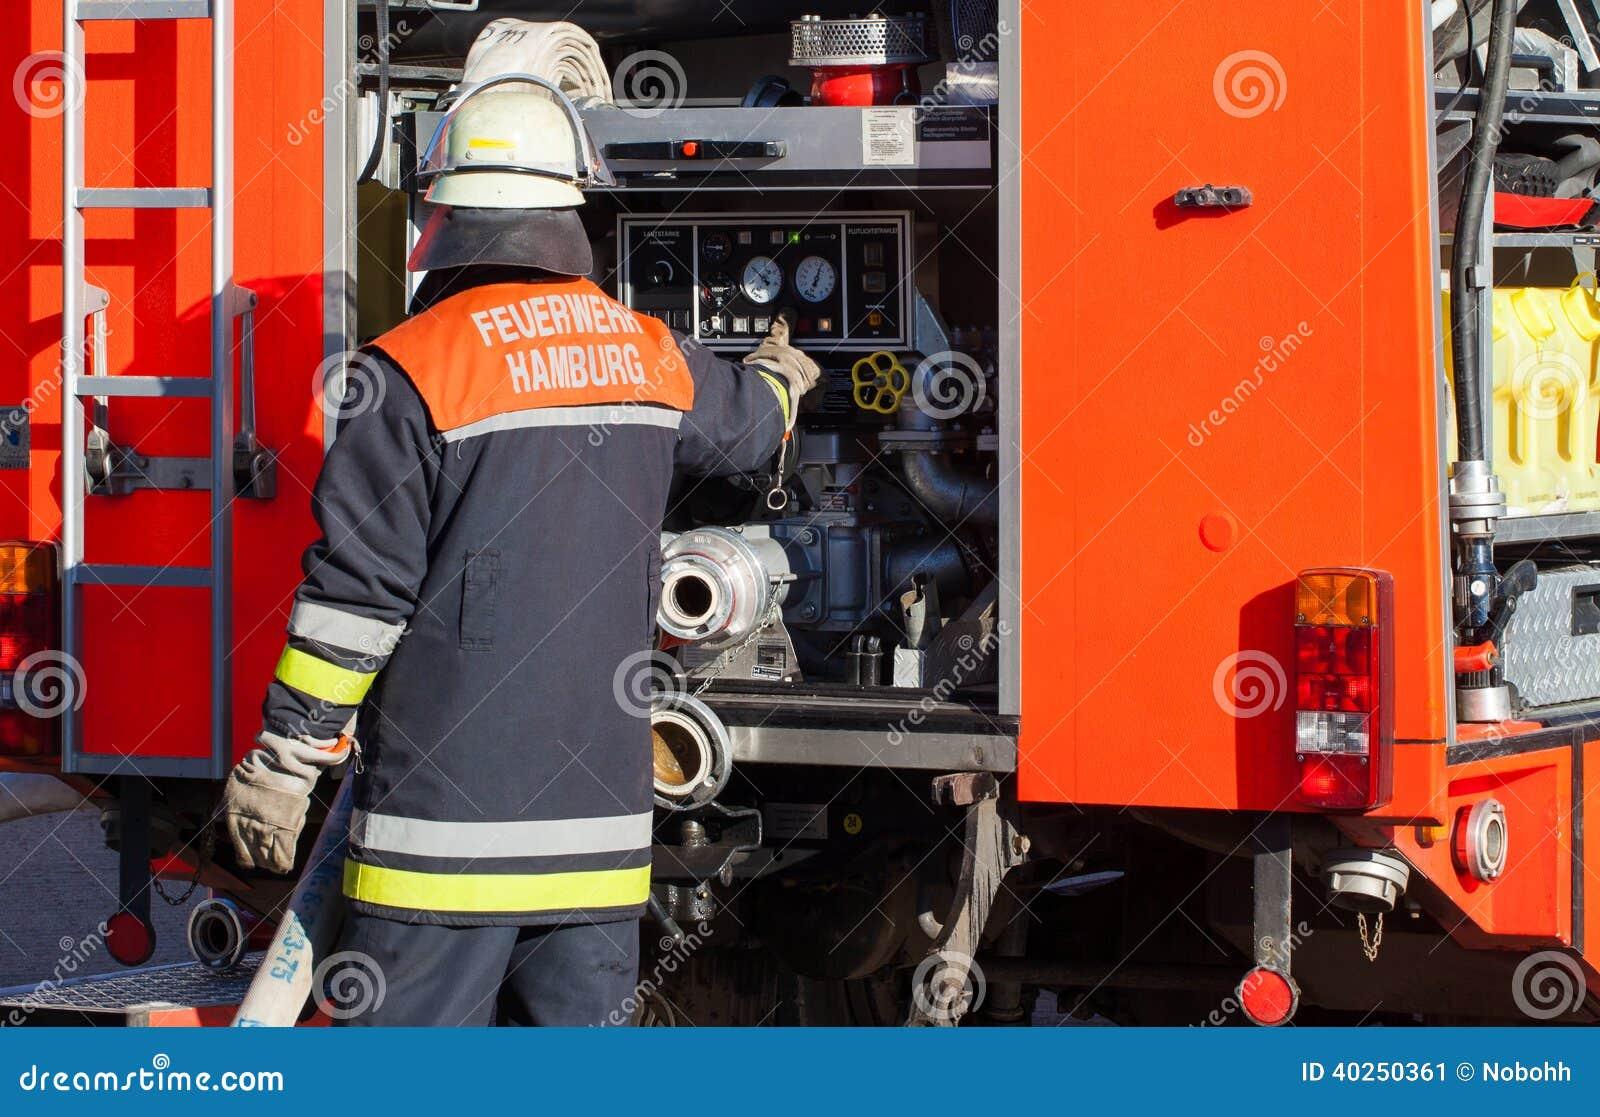 Γερμανικός πυροσβέστης πυροσβεστικής υπηρεσίας στο πυροσβεστικό όχημα